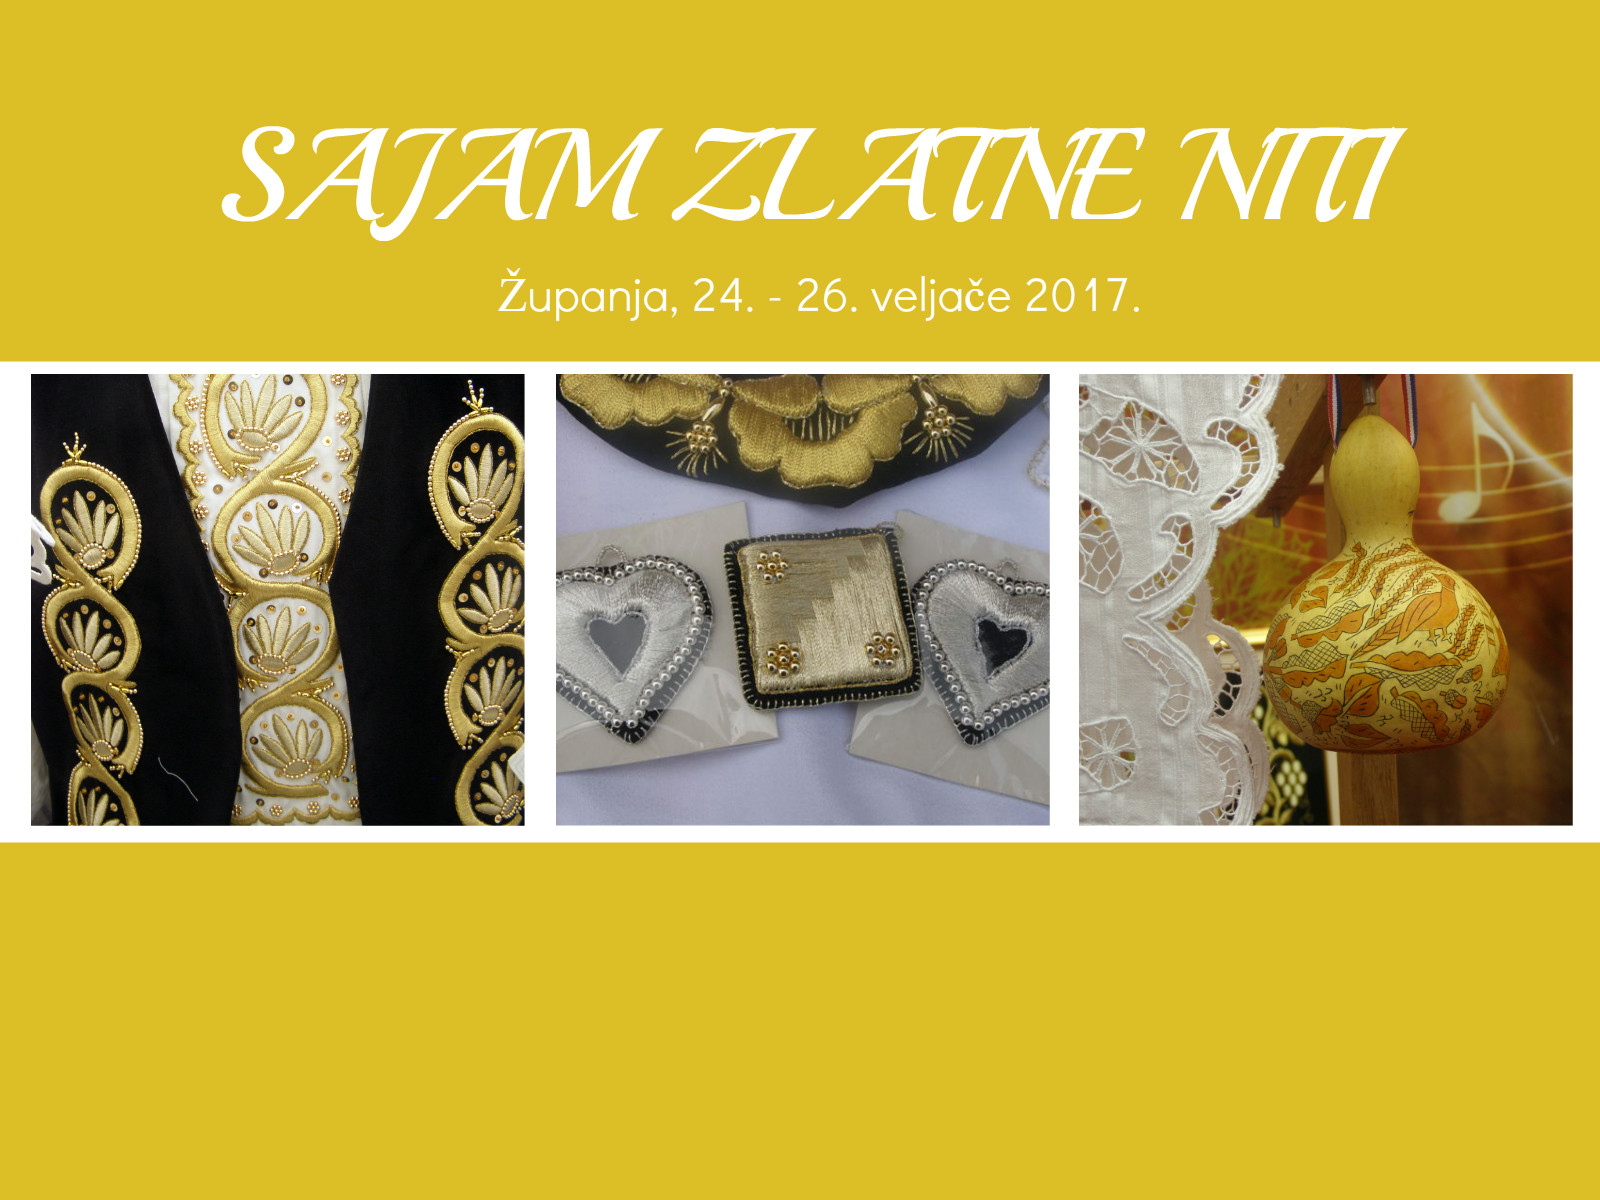 Sajam-zlatne-niti-2